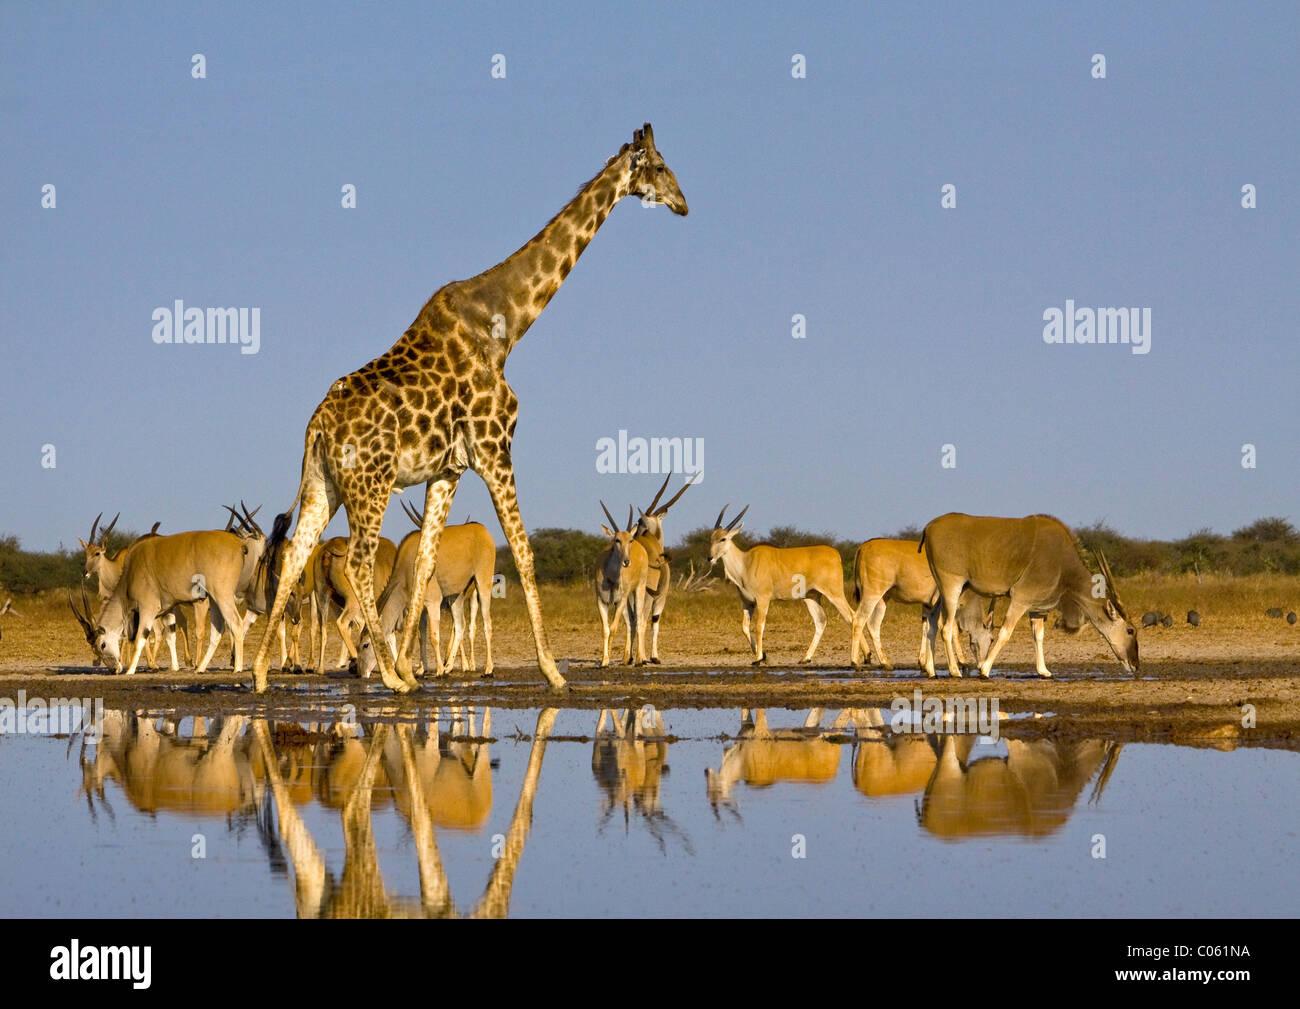 Giraffe and Eland at waterhole, Etosha National Park, Namibia. - Stock Image